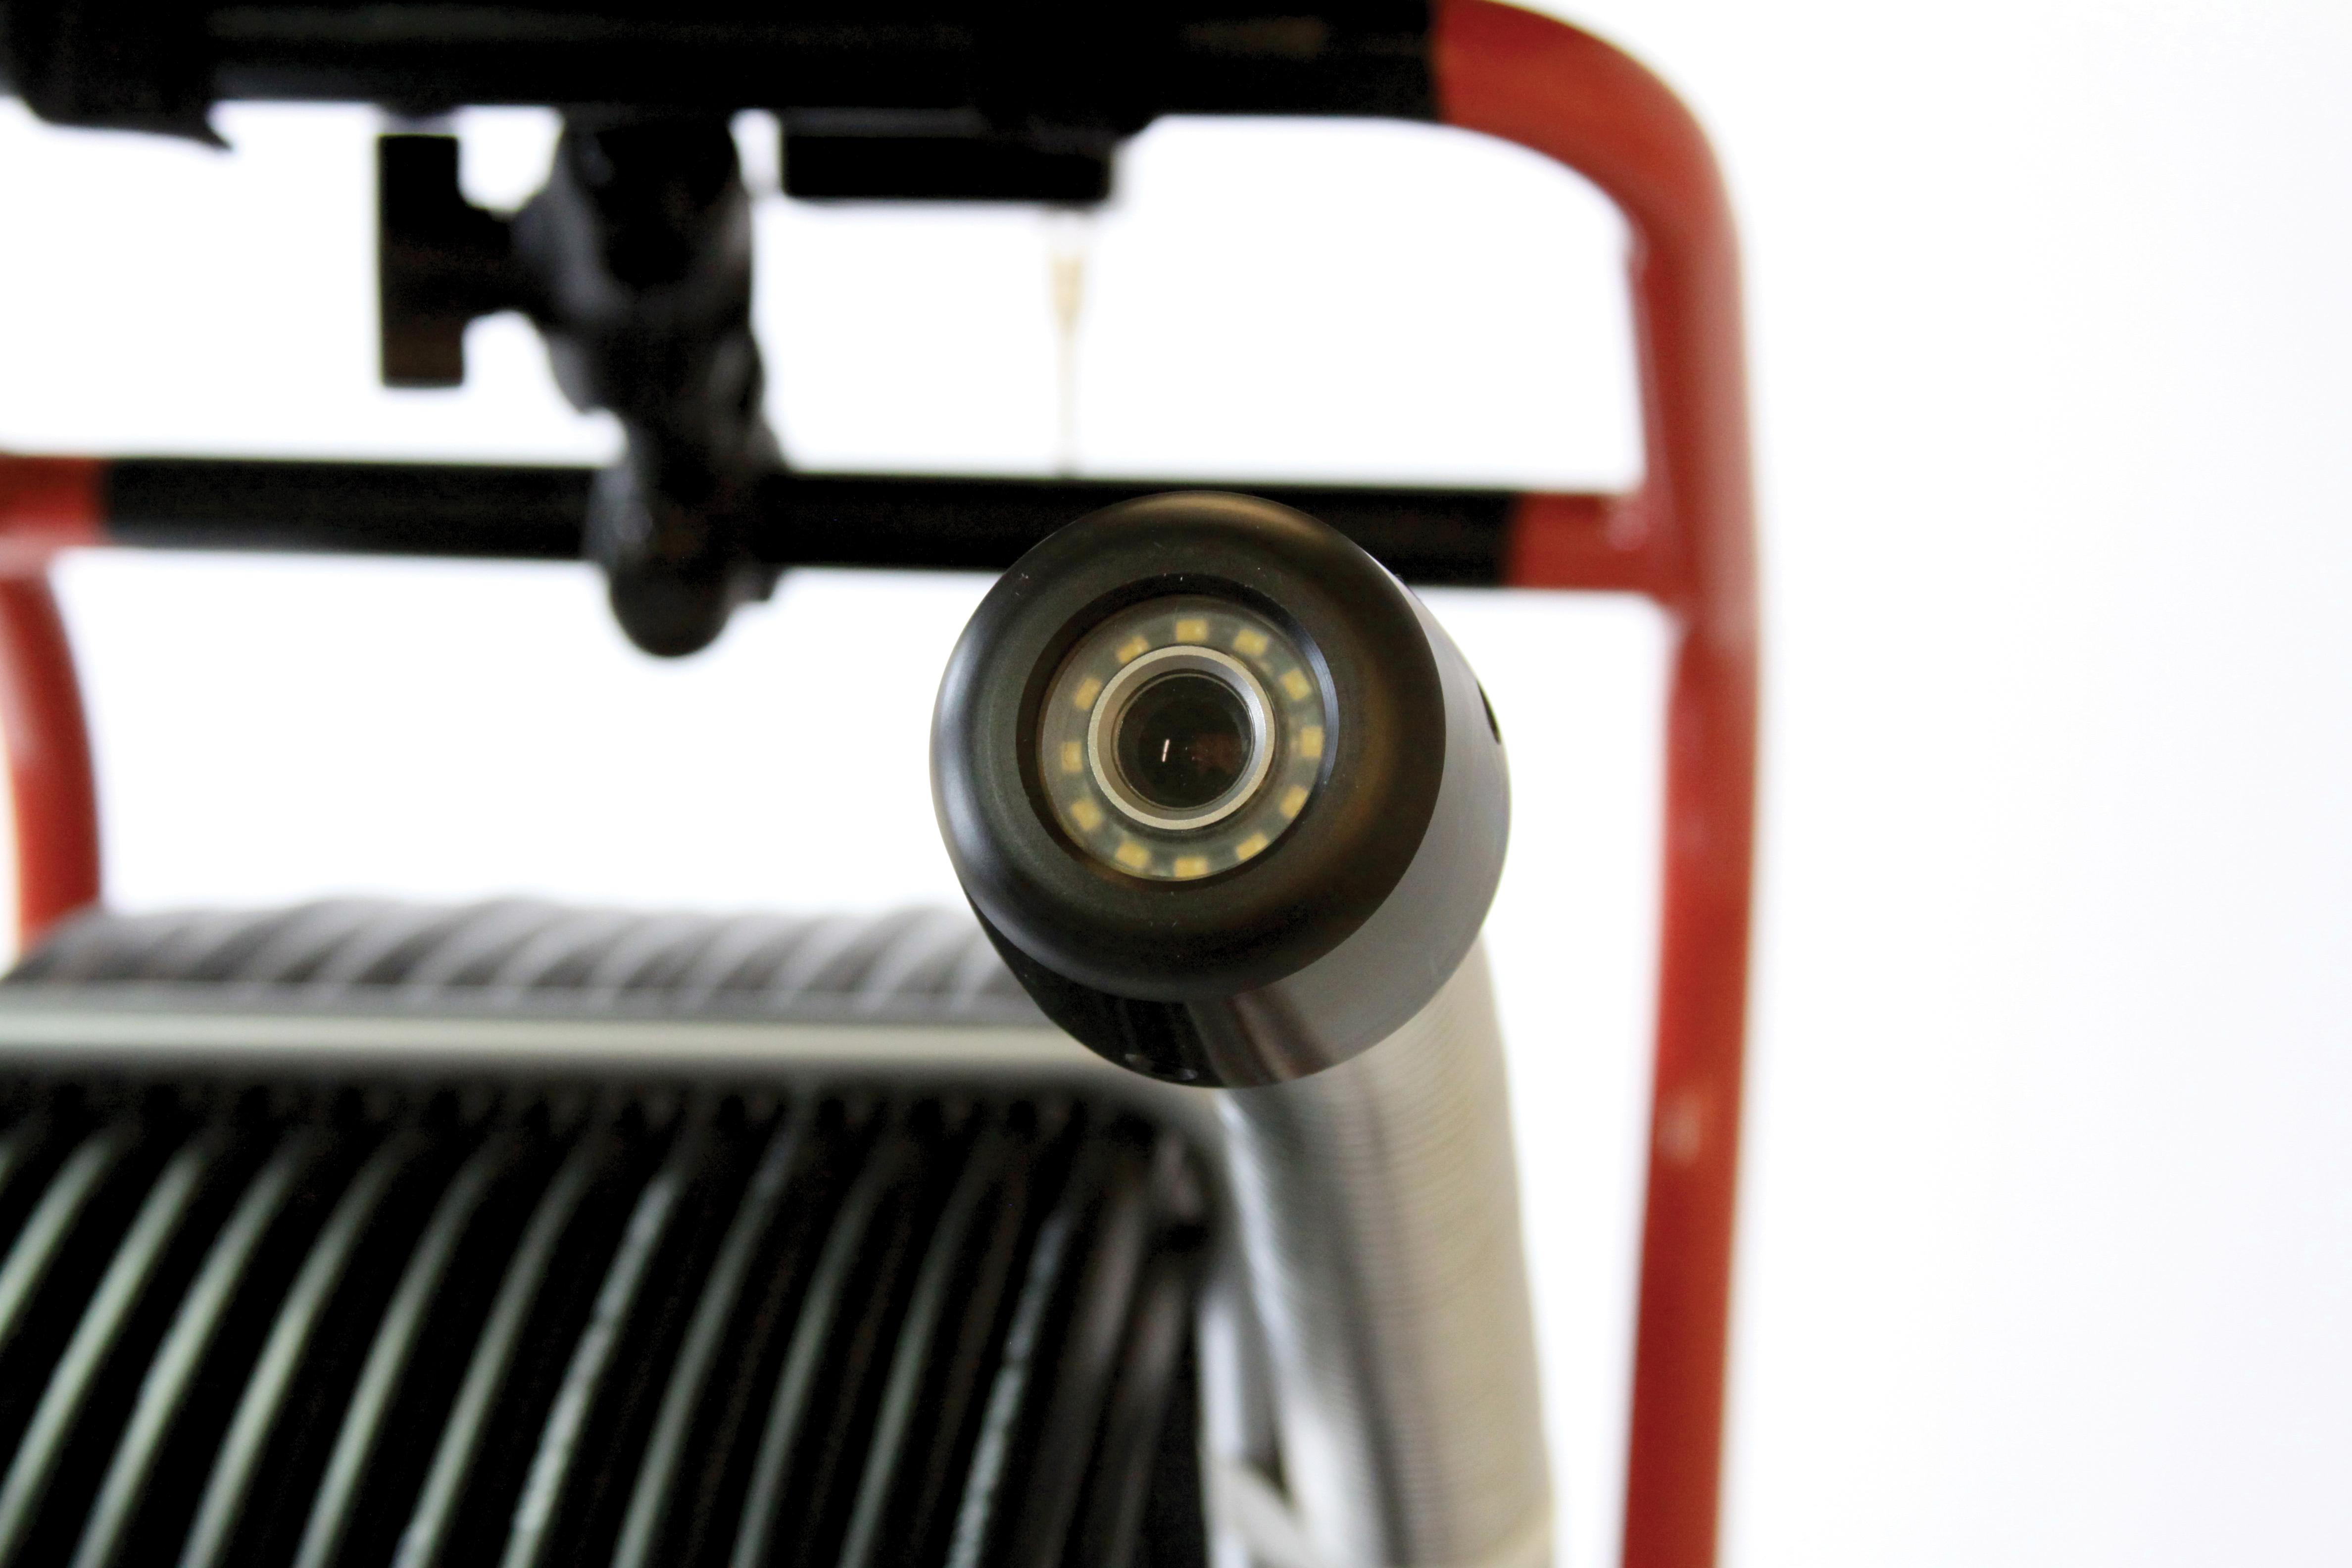 HammerHead PortaVision Camera